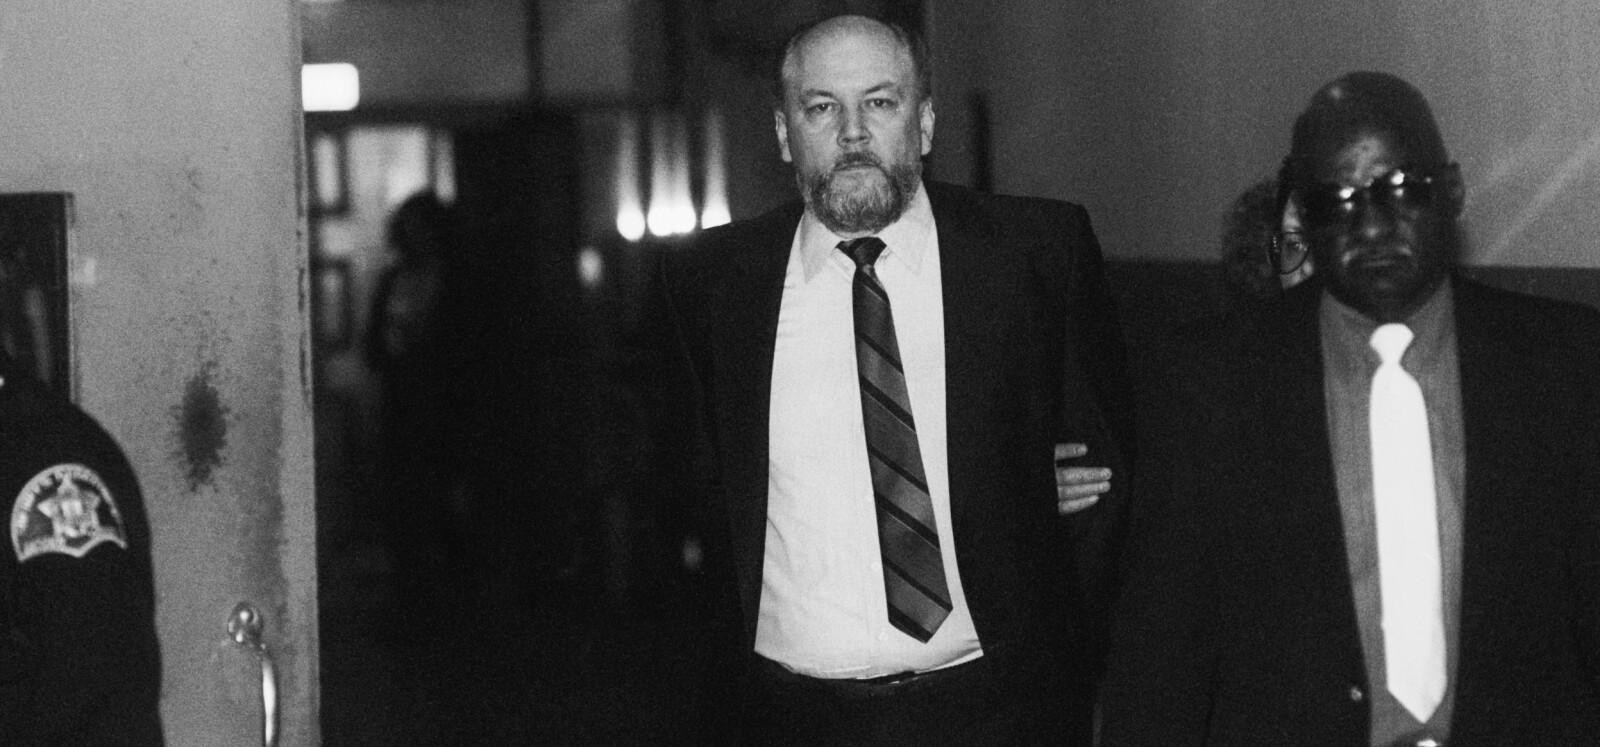 <b>ICEMAN:</b> Her er den beryktede leiemorderen Richard «The Iceman» Kuklinski i 1988 på vei inn i rettssalen i New Jersey for å høre dommen: Dobbel livstidsstraff uten mulighet til å bli benådet.